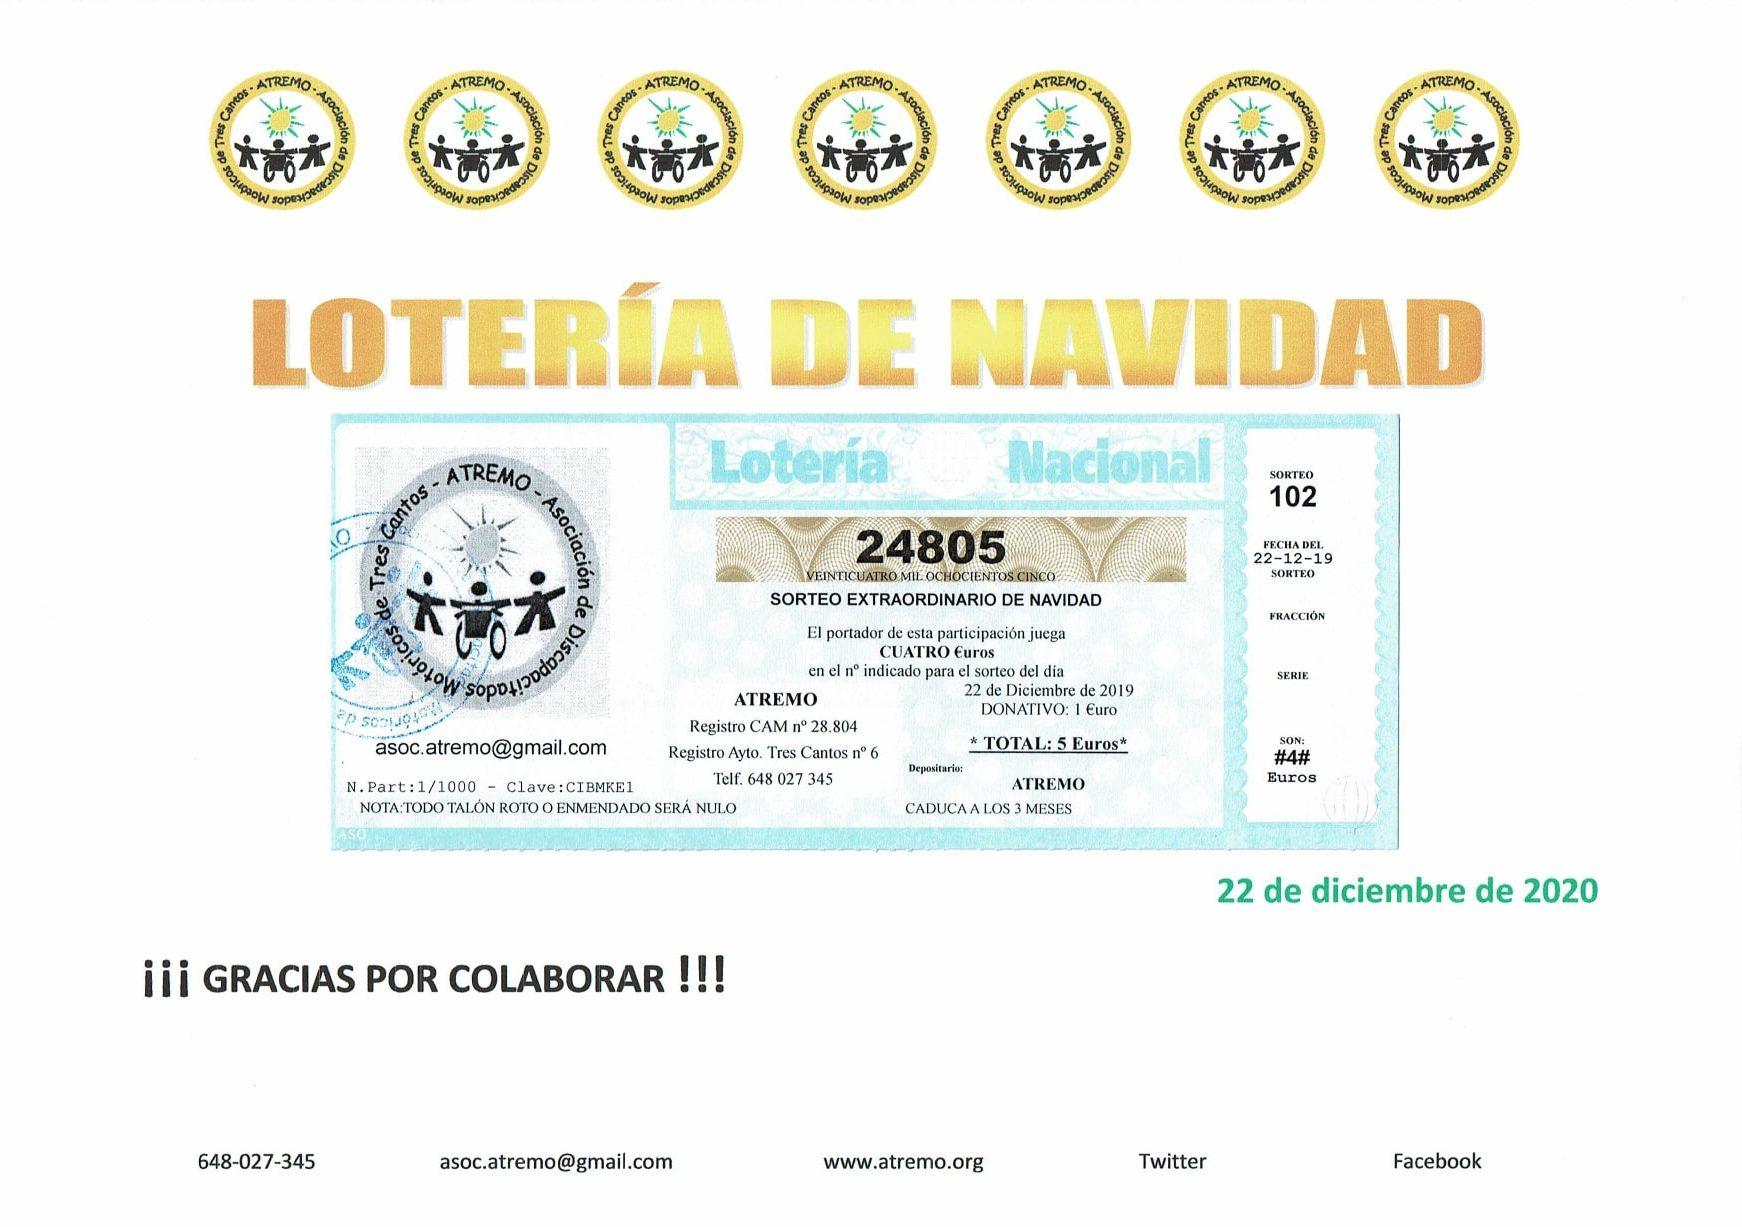 Atremo - Cartel loteria navidad 2019